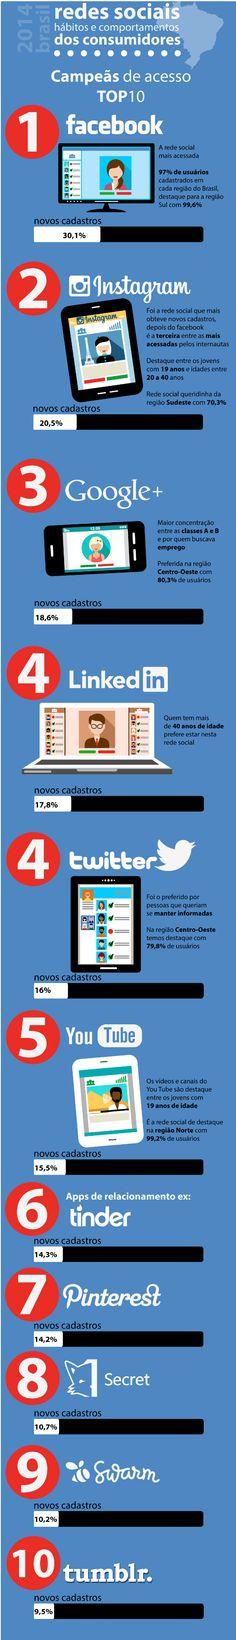 Um estudo conduzido pela E.life apontou quais são as redes sociais mais acessadas pelo brasileiro e o que procuram nessas plataformas.